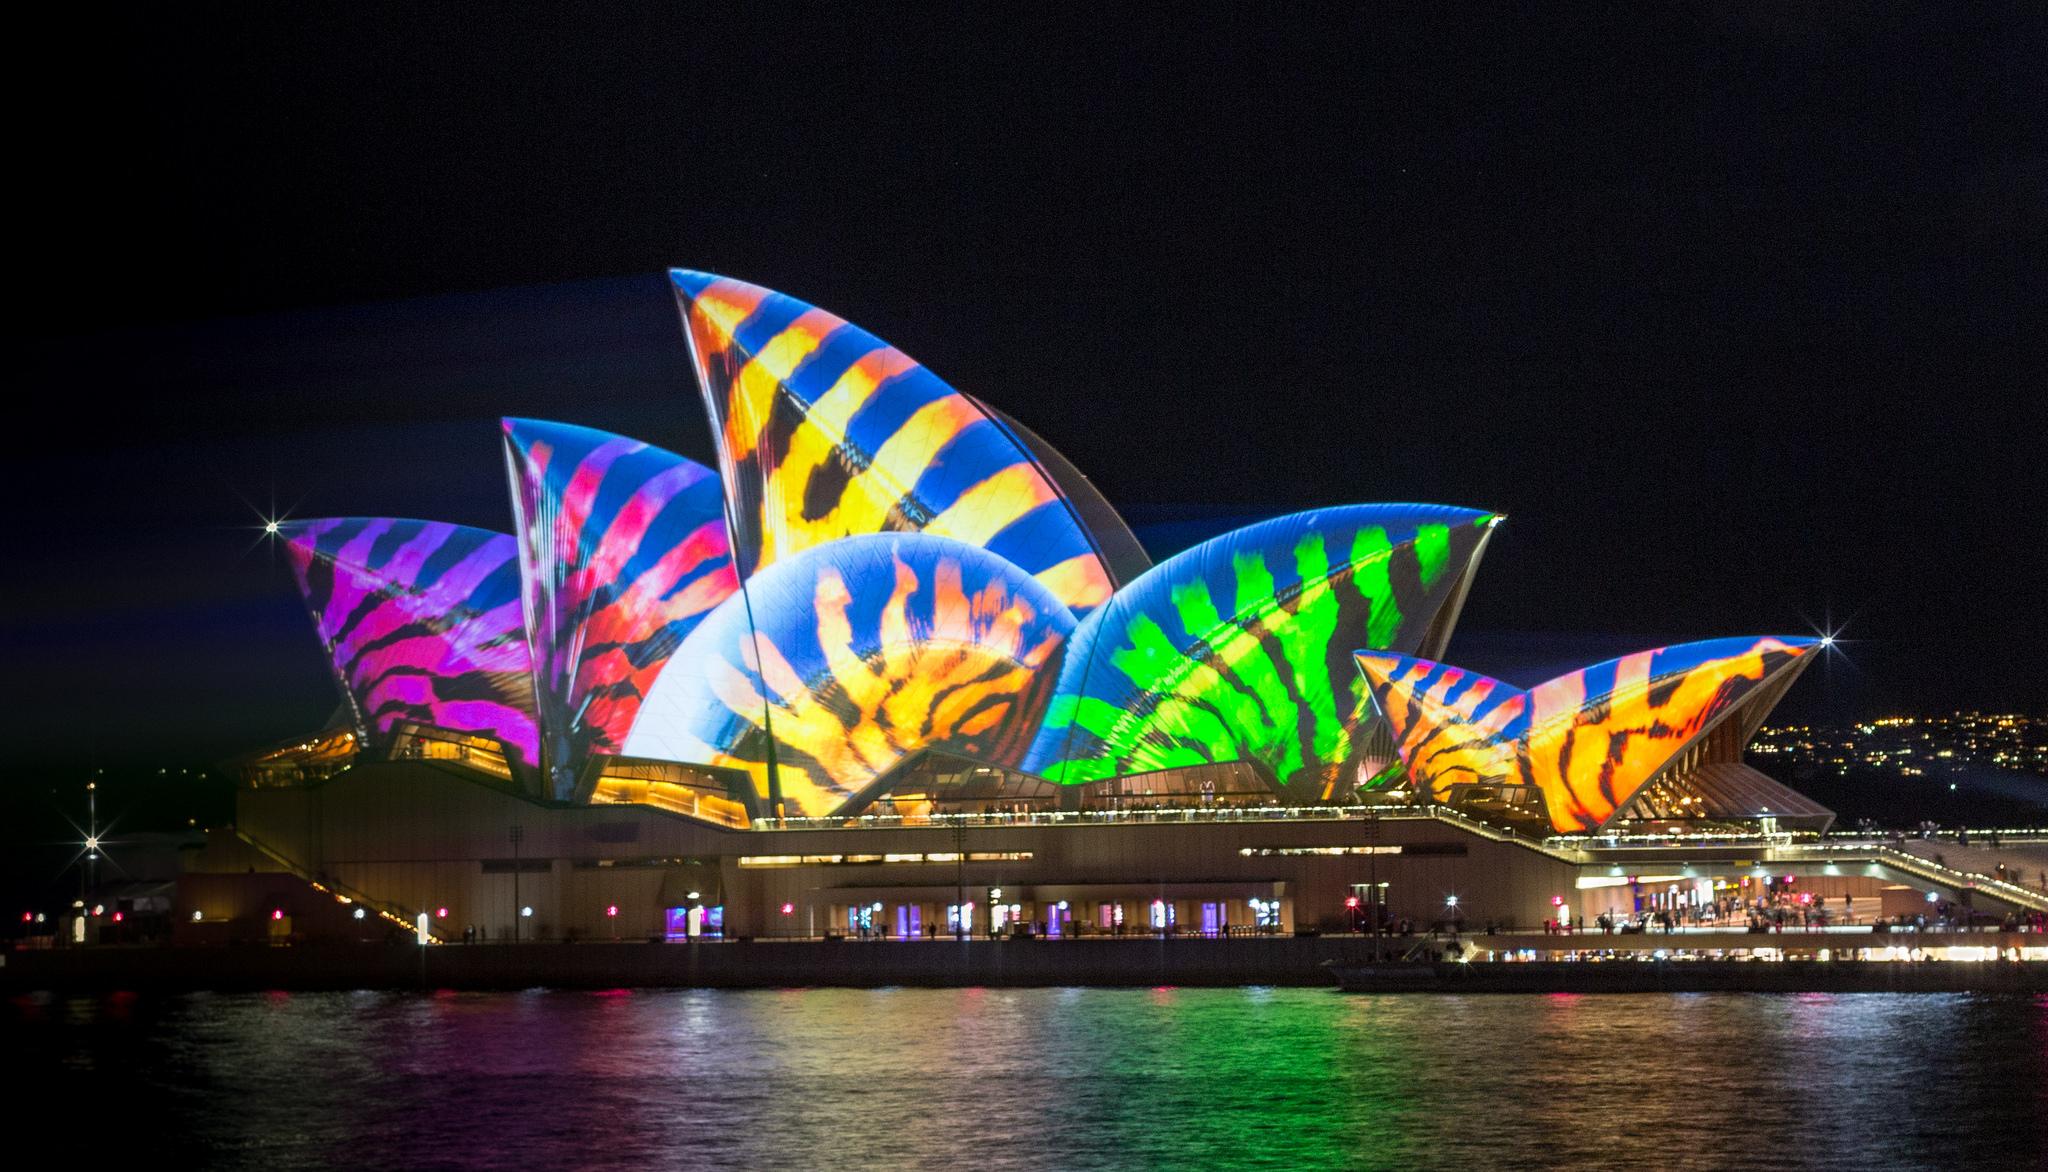 每逢繽紛「雪梨燈光音樂節」,歌劇院都會有精彩的燈光秀表演。(Flickr授權作者-Ashley)